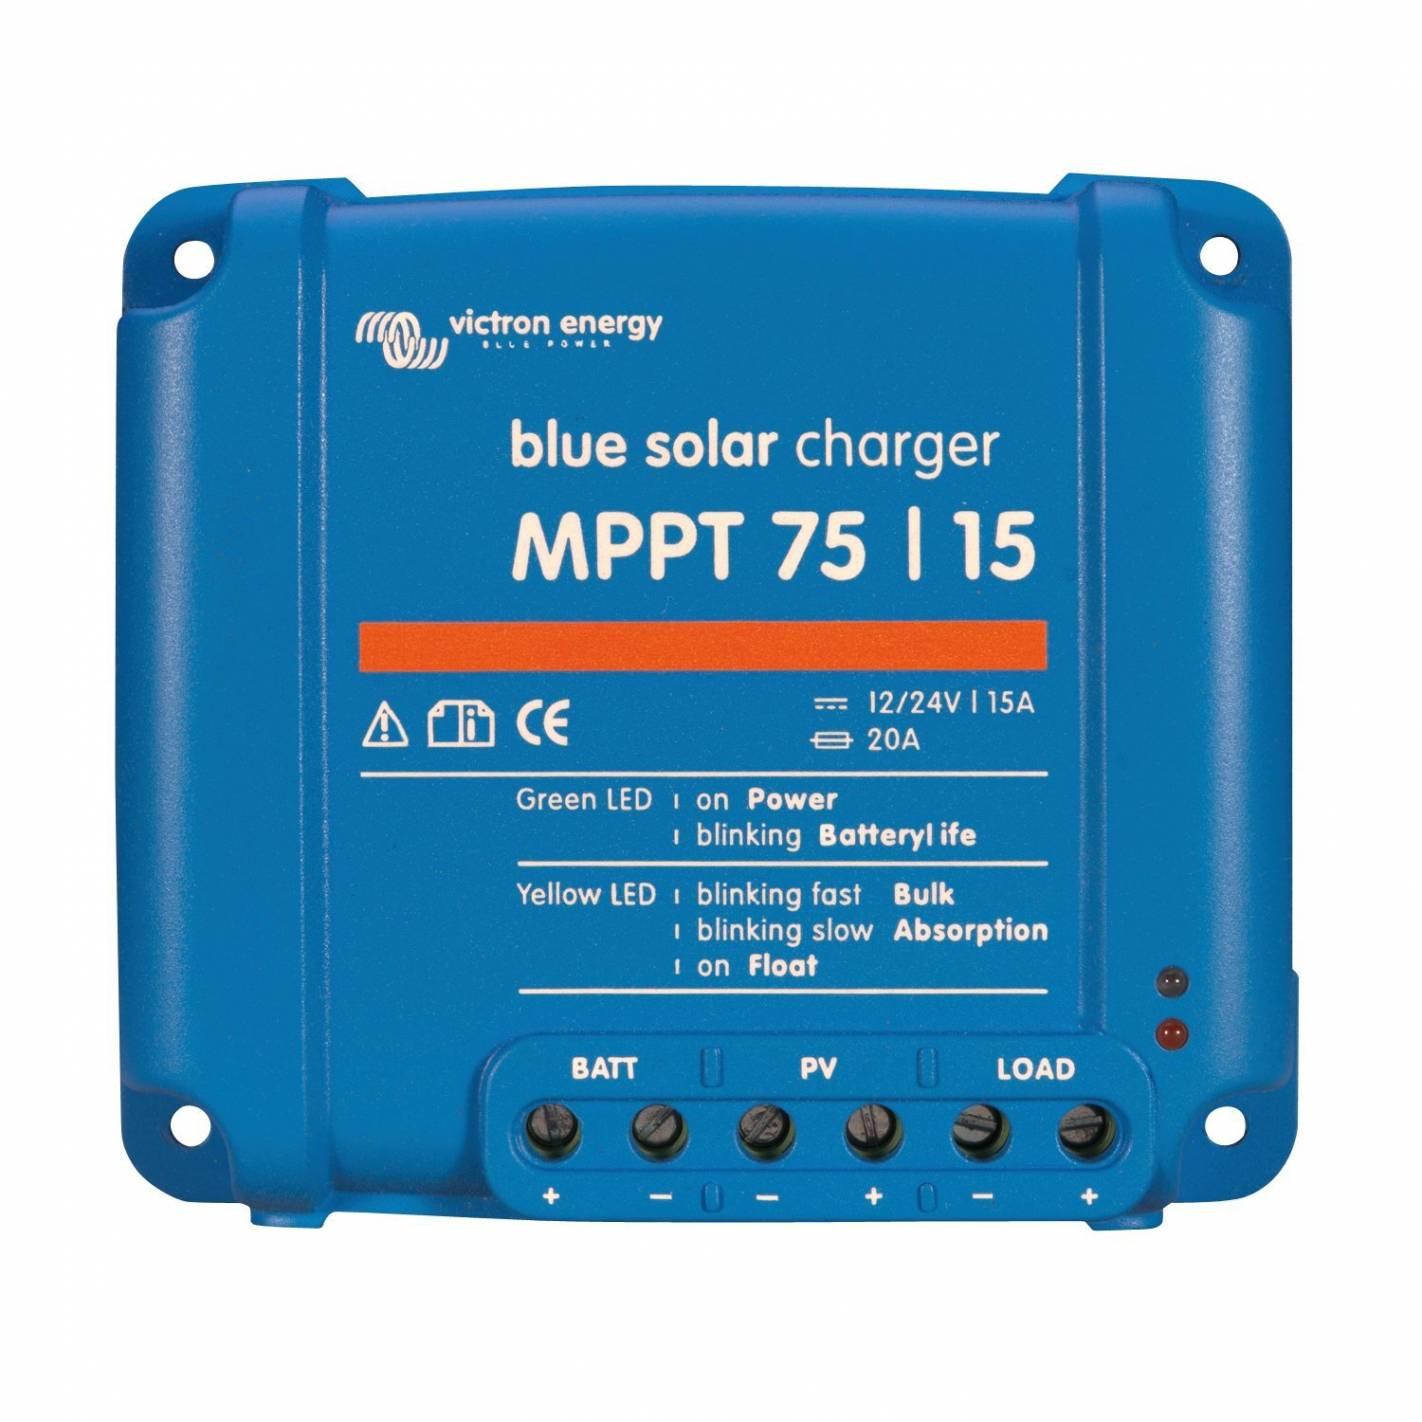 contrôleur de charge bluesolar mppt modèle 15a victron